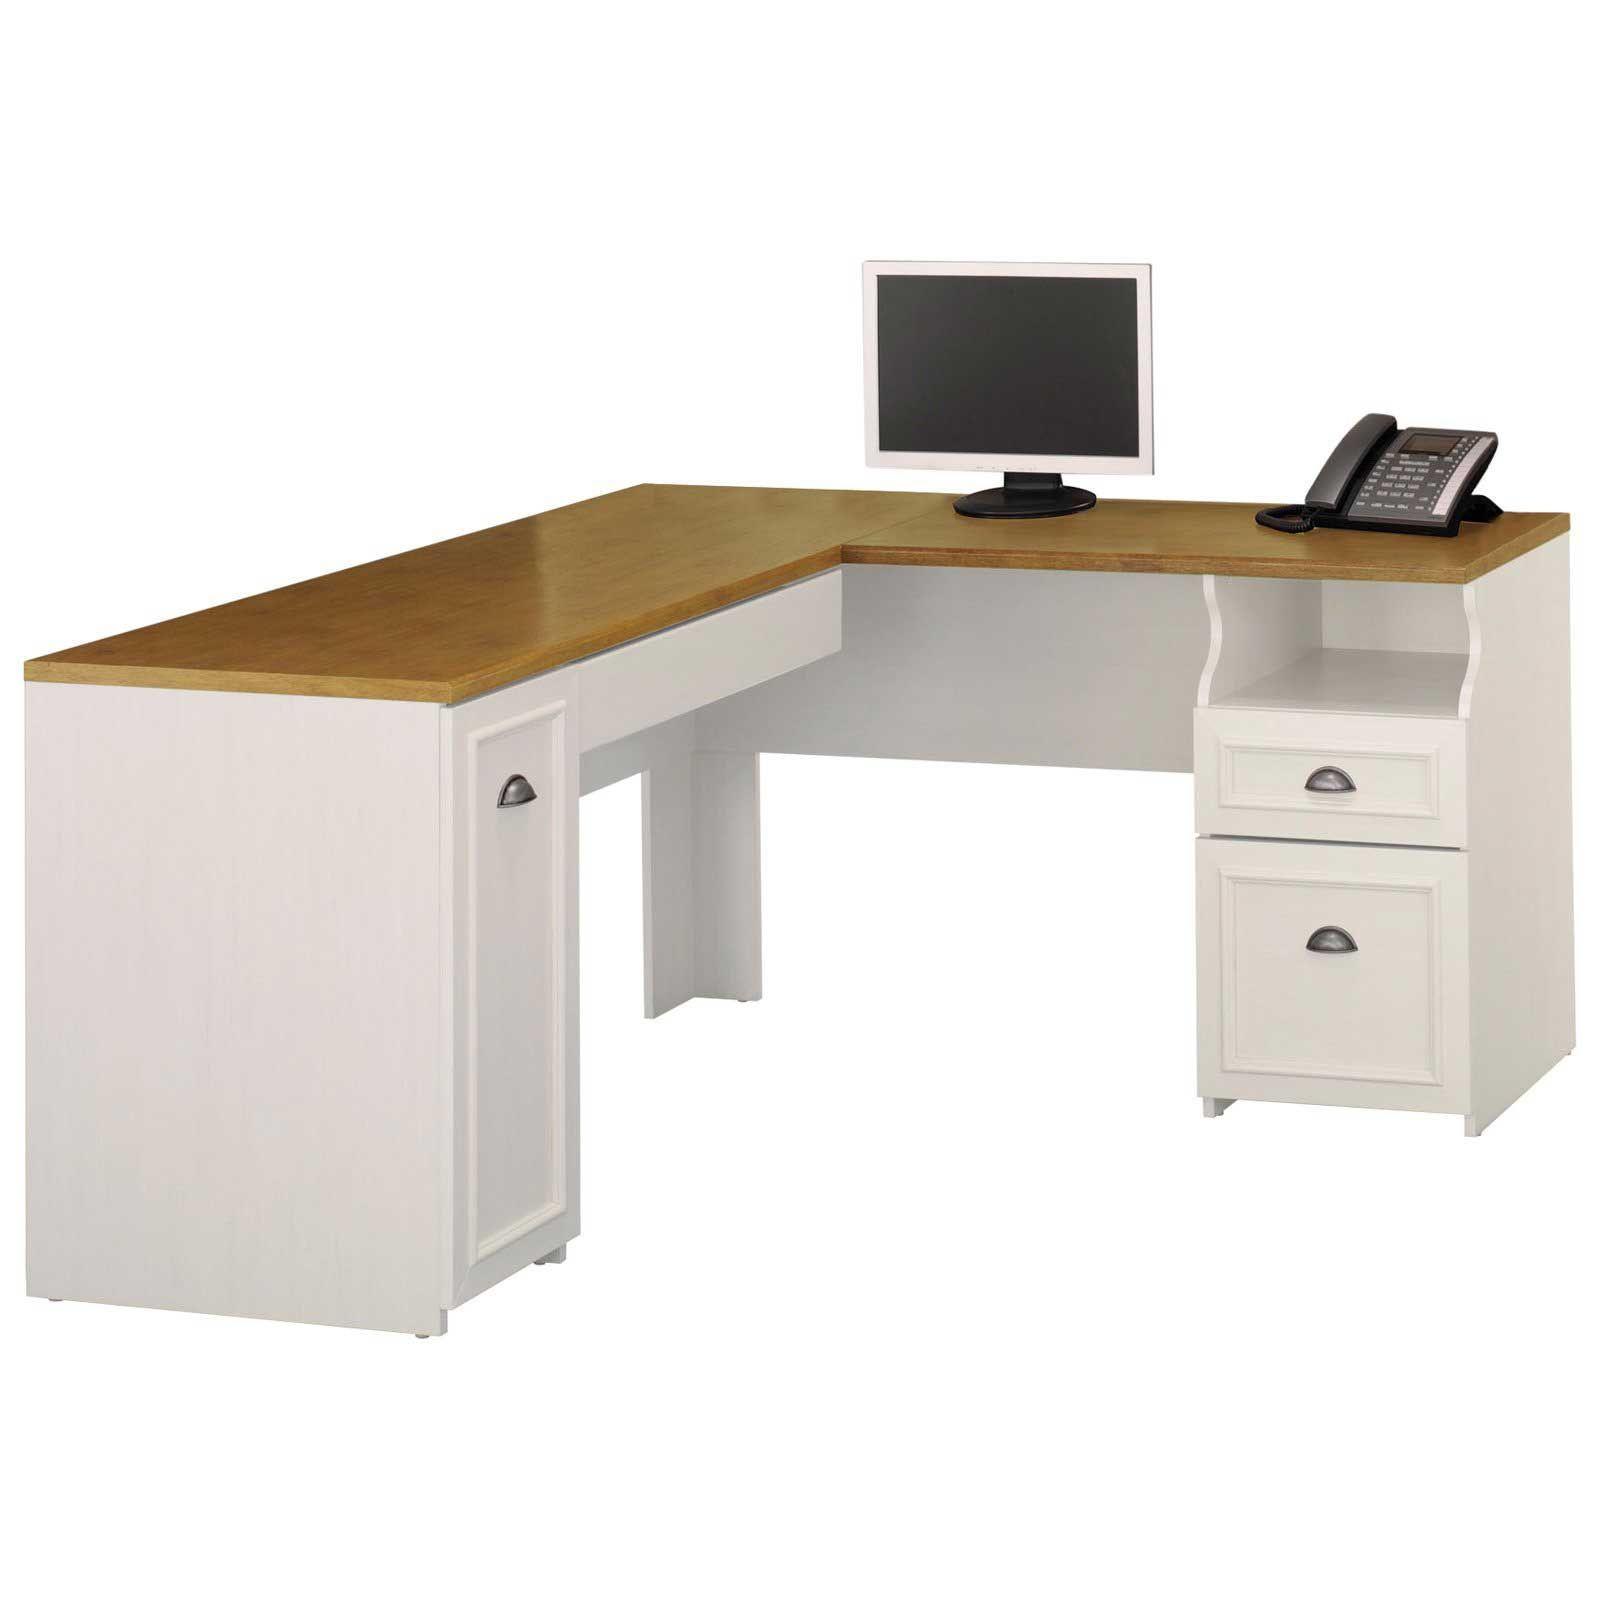 Eck Computer Tisch Eck Schreibtisch Cool Schlafzimmer Mobel Fur Jugendliche Sc Computer Cool Eck Fur In 2020 Ikea Computer Desk Corner Desk Office White Desks